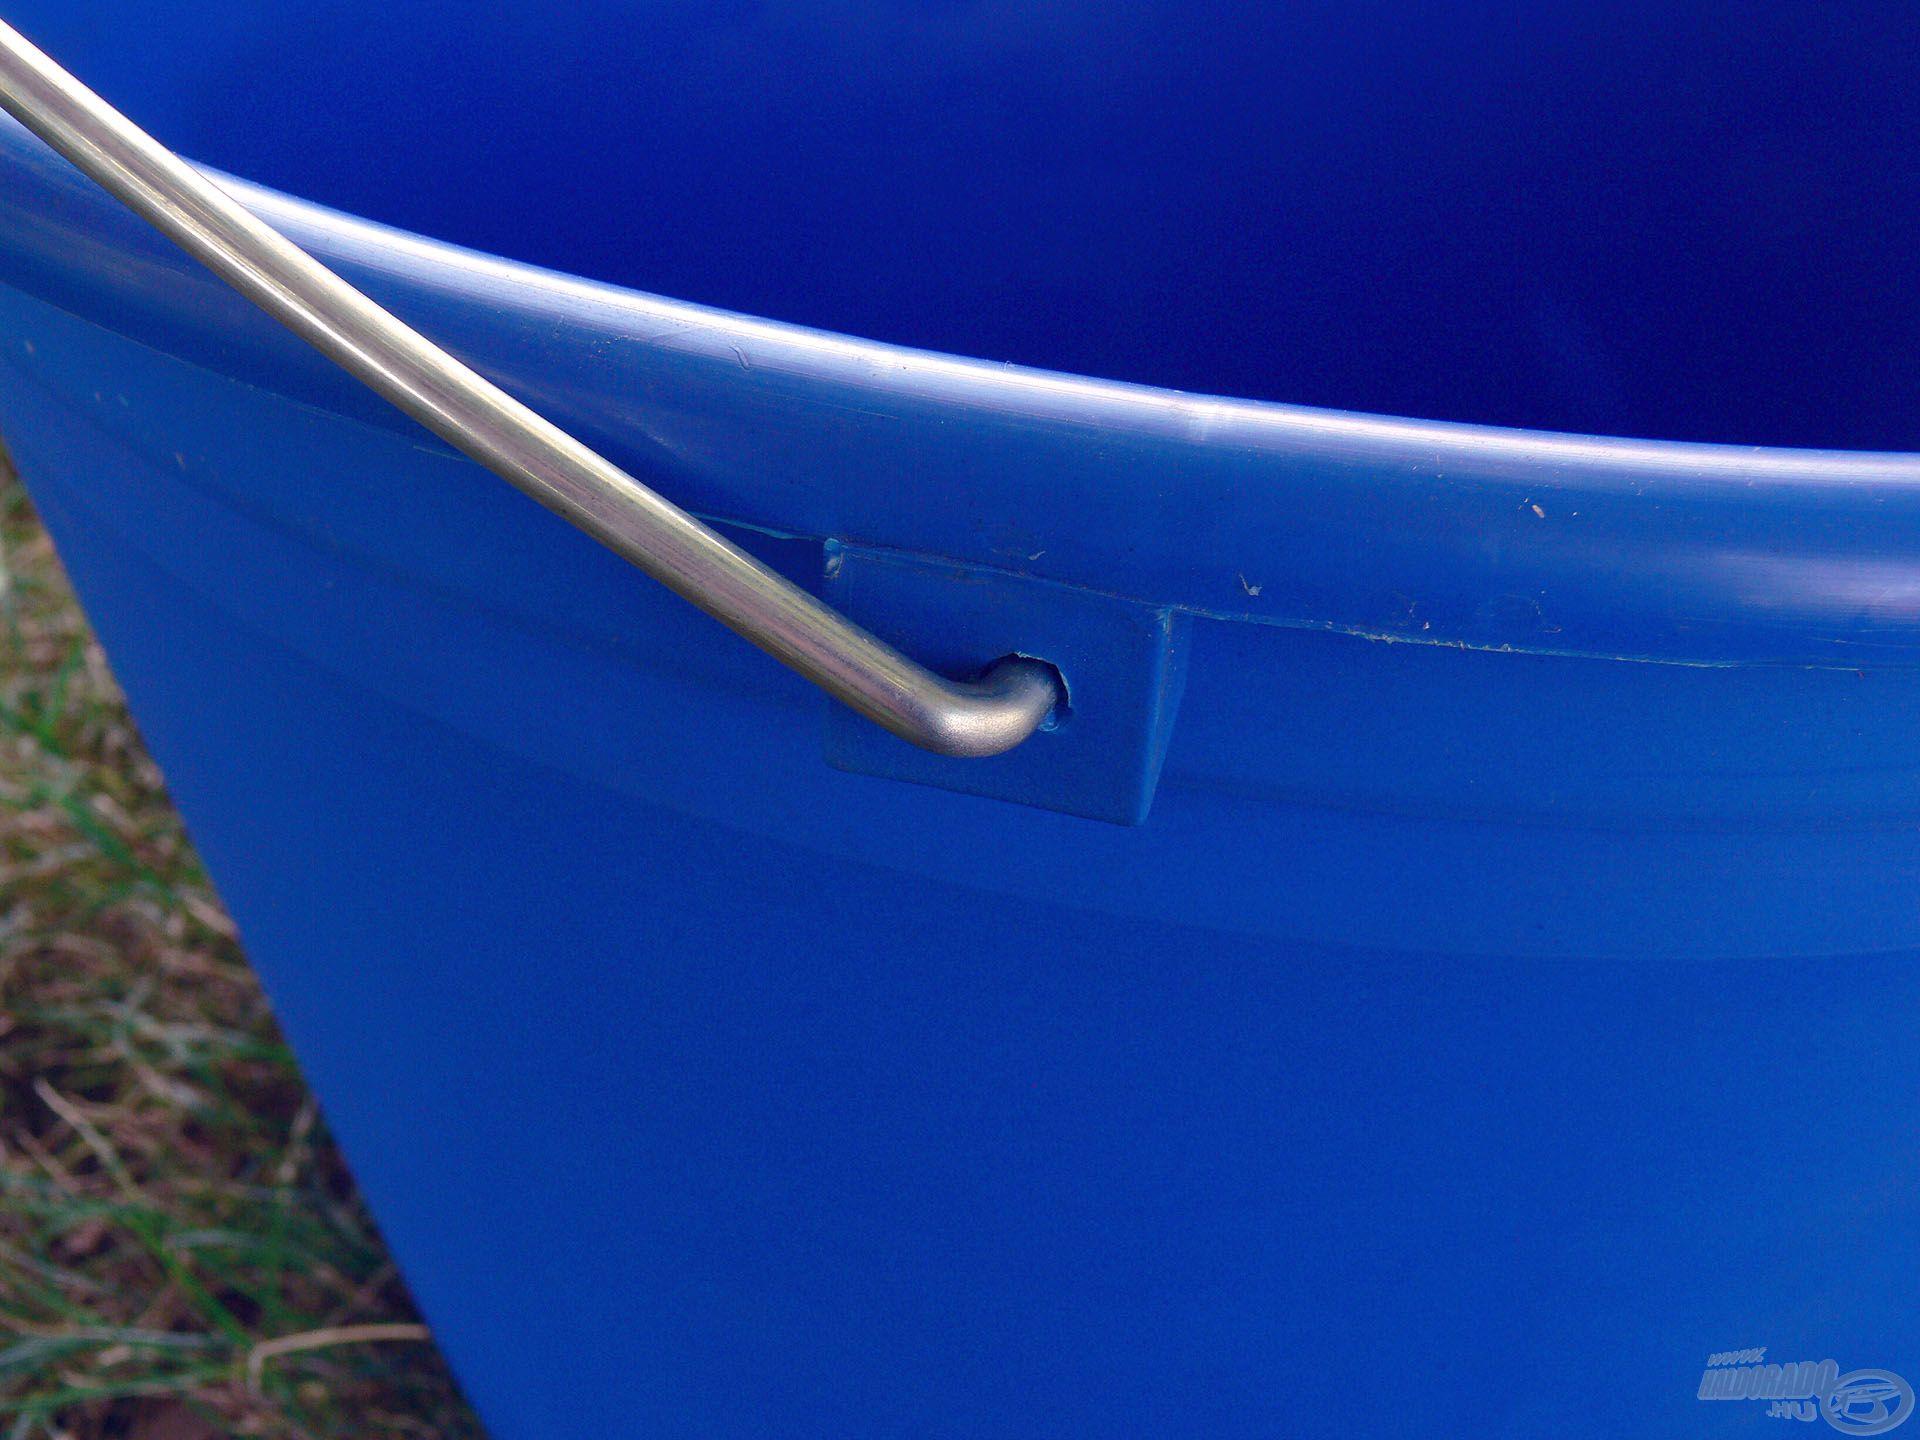 A nagy befogadó-kapacitáshoz illeszkedve természetesen ez a vödör is erős fém fület kapott…